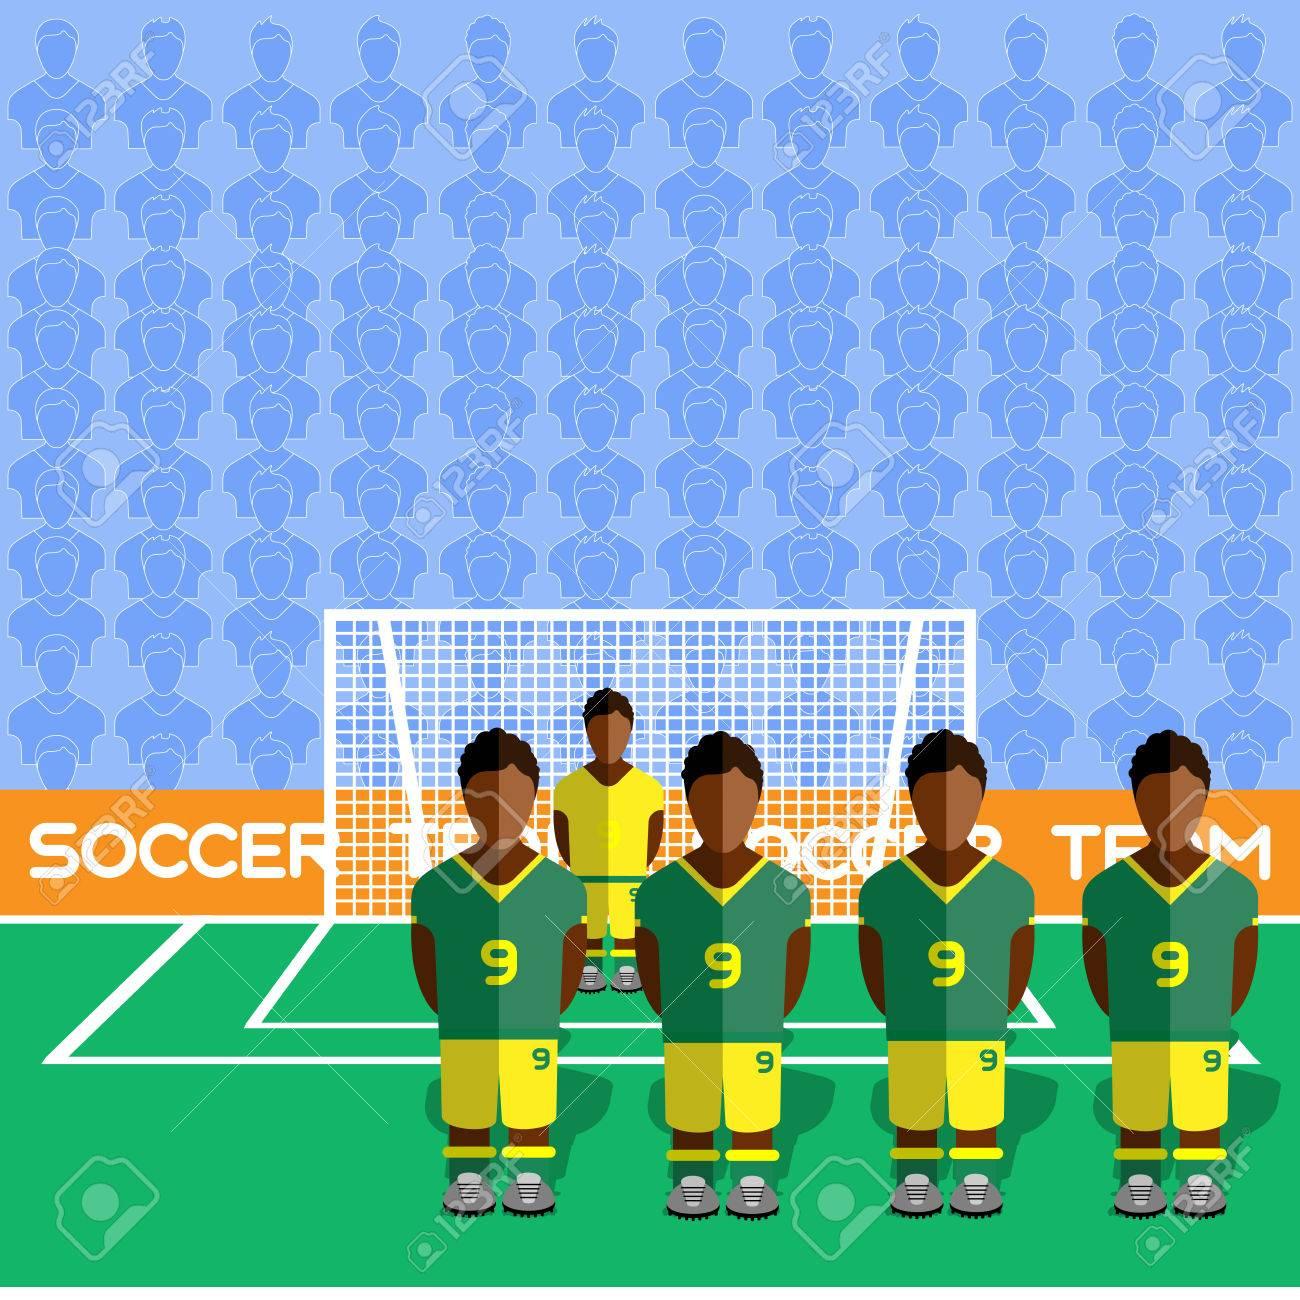 Afrique Du Sud Football Club Soccer Players Silhouettes. Jeux Rmatiques  Équipe De Football Les Joueurs Grand Ensemble. Graphie Sportif. Les pour Jeux De Gardien